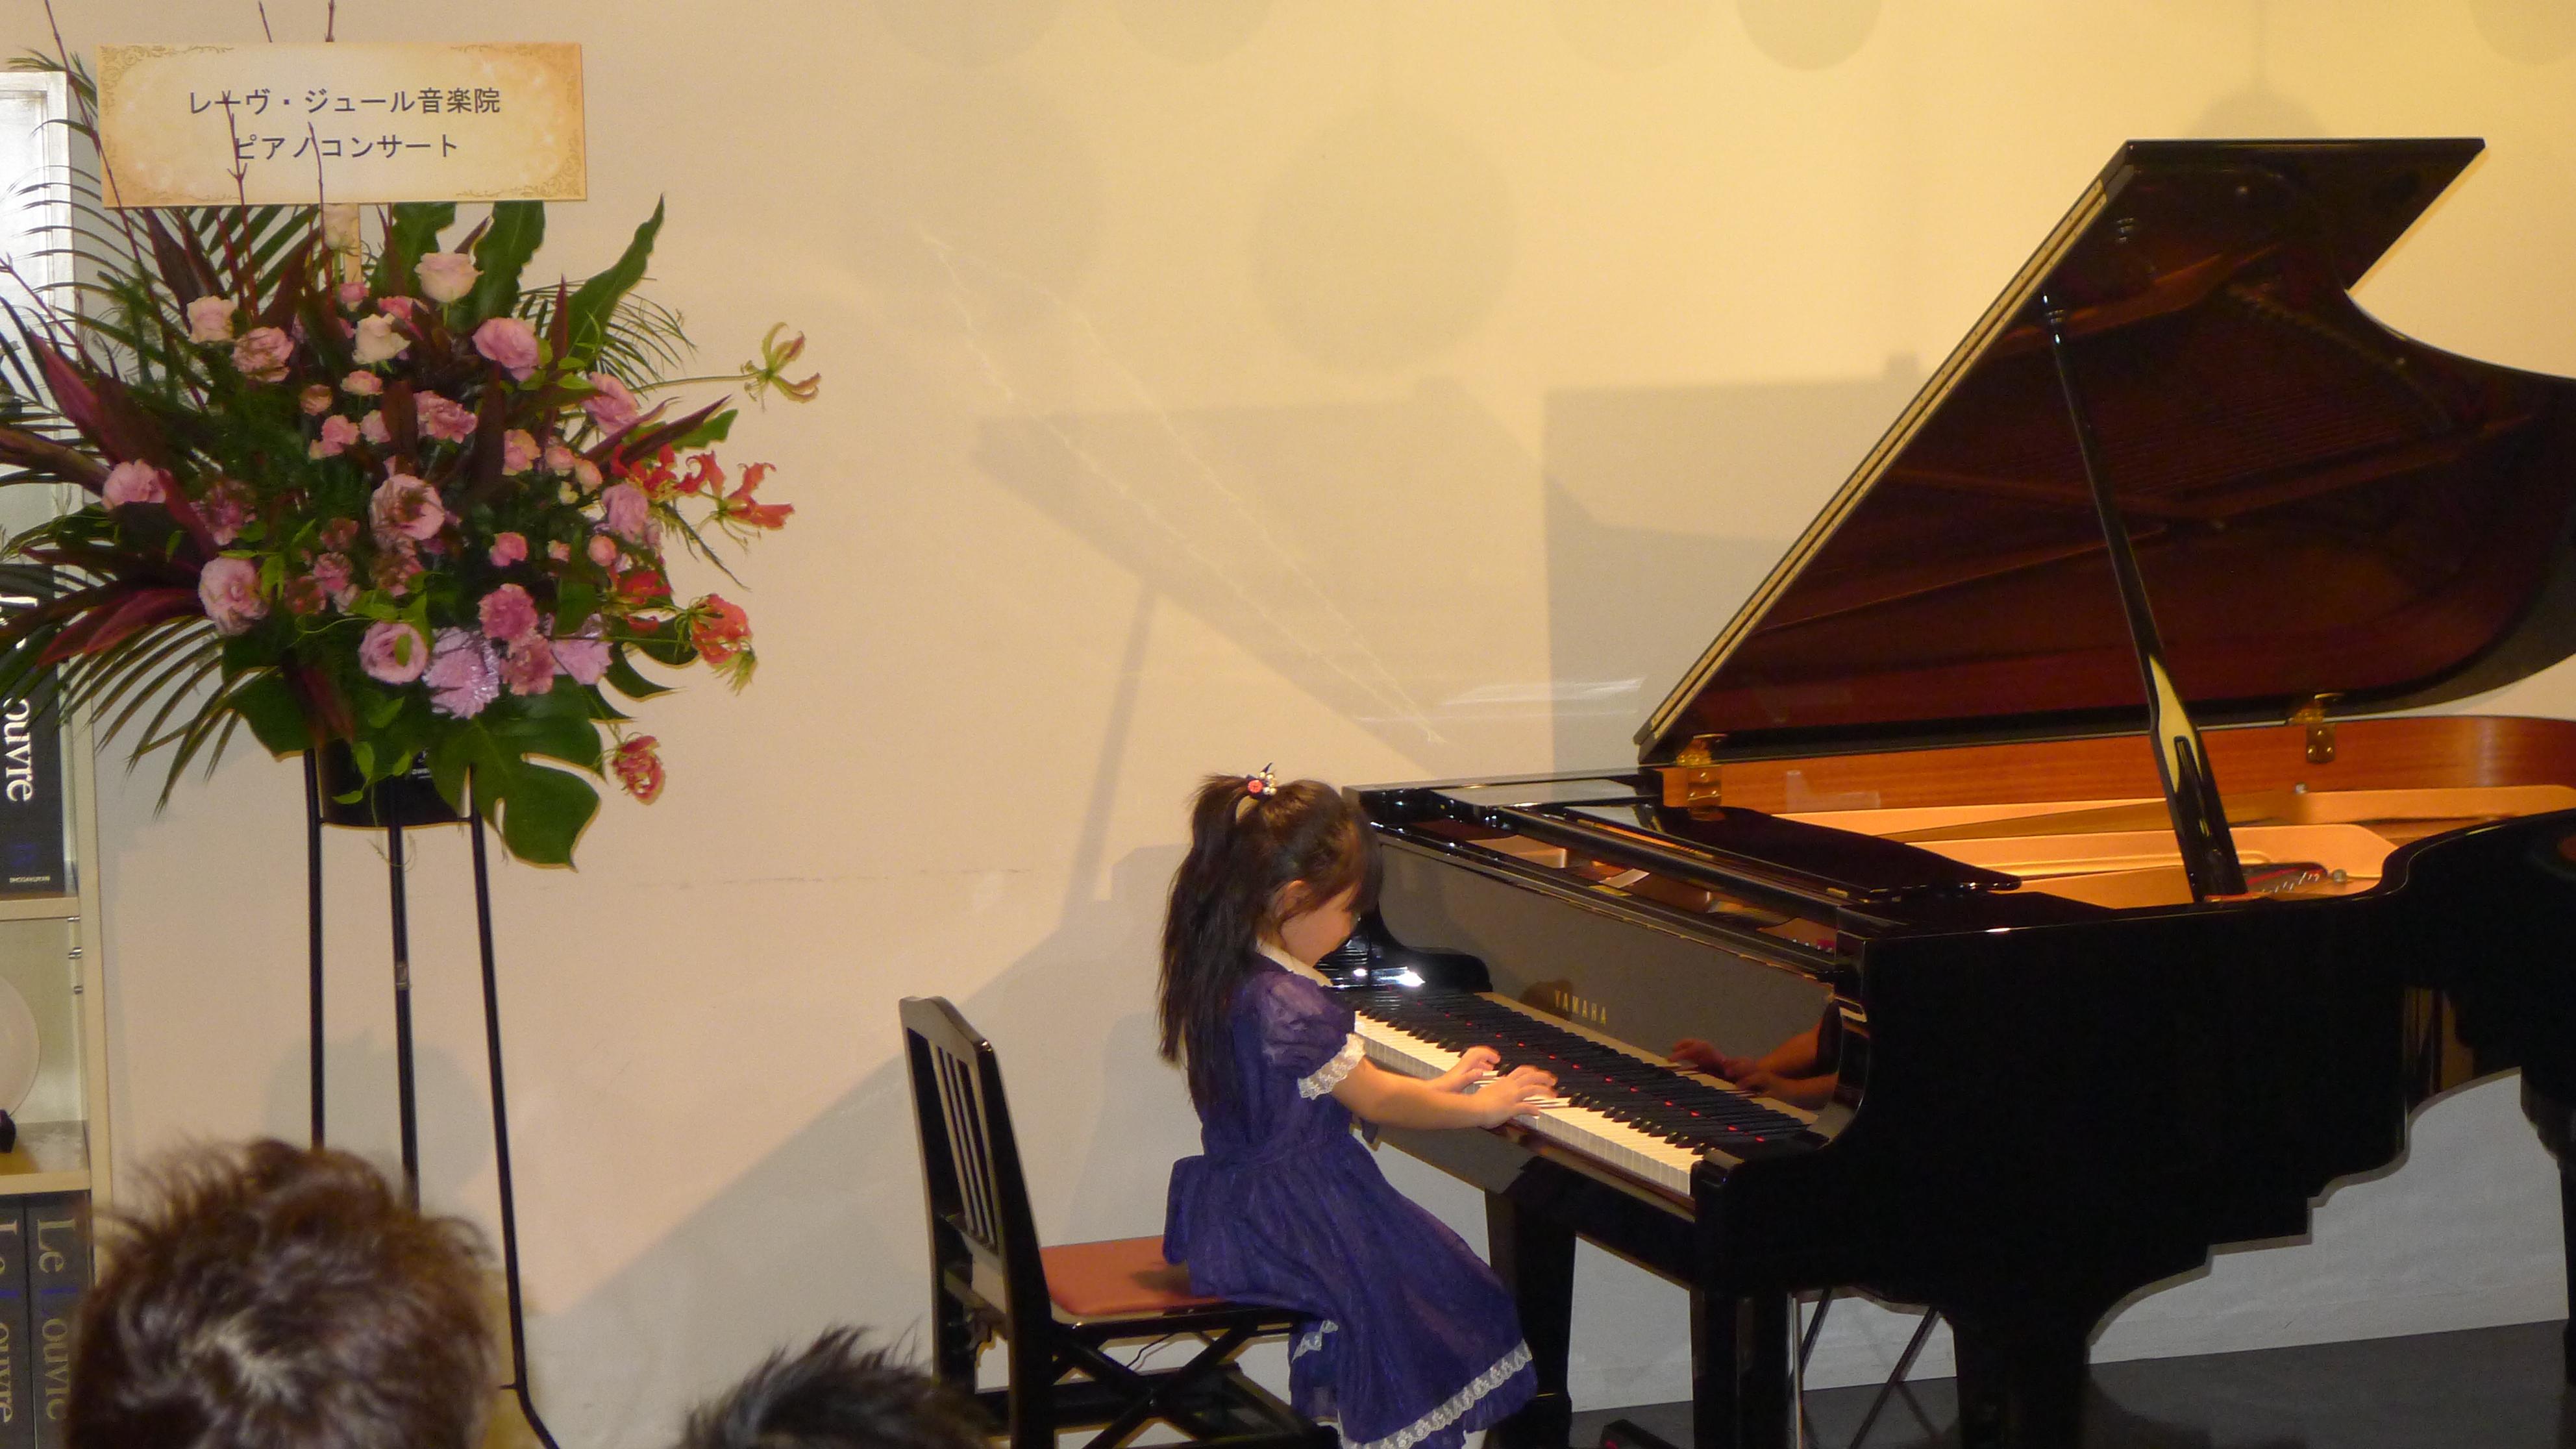 仙台市泉区北中山のピアノ教室 ピアノコンサートm